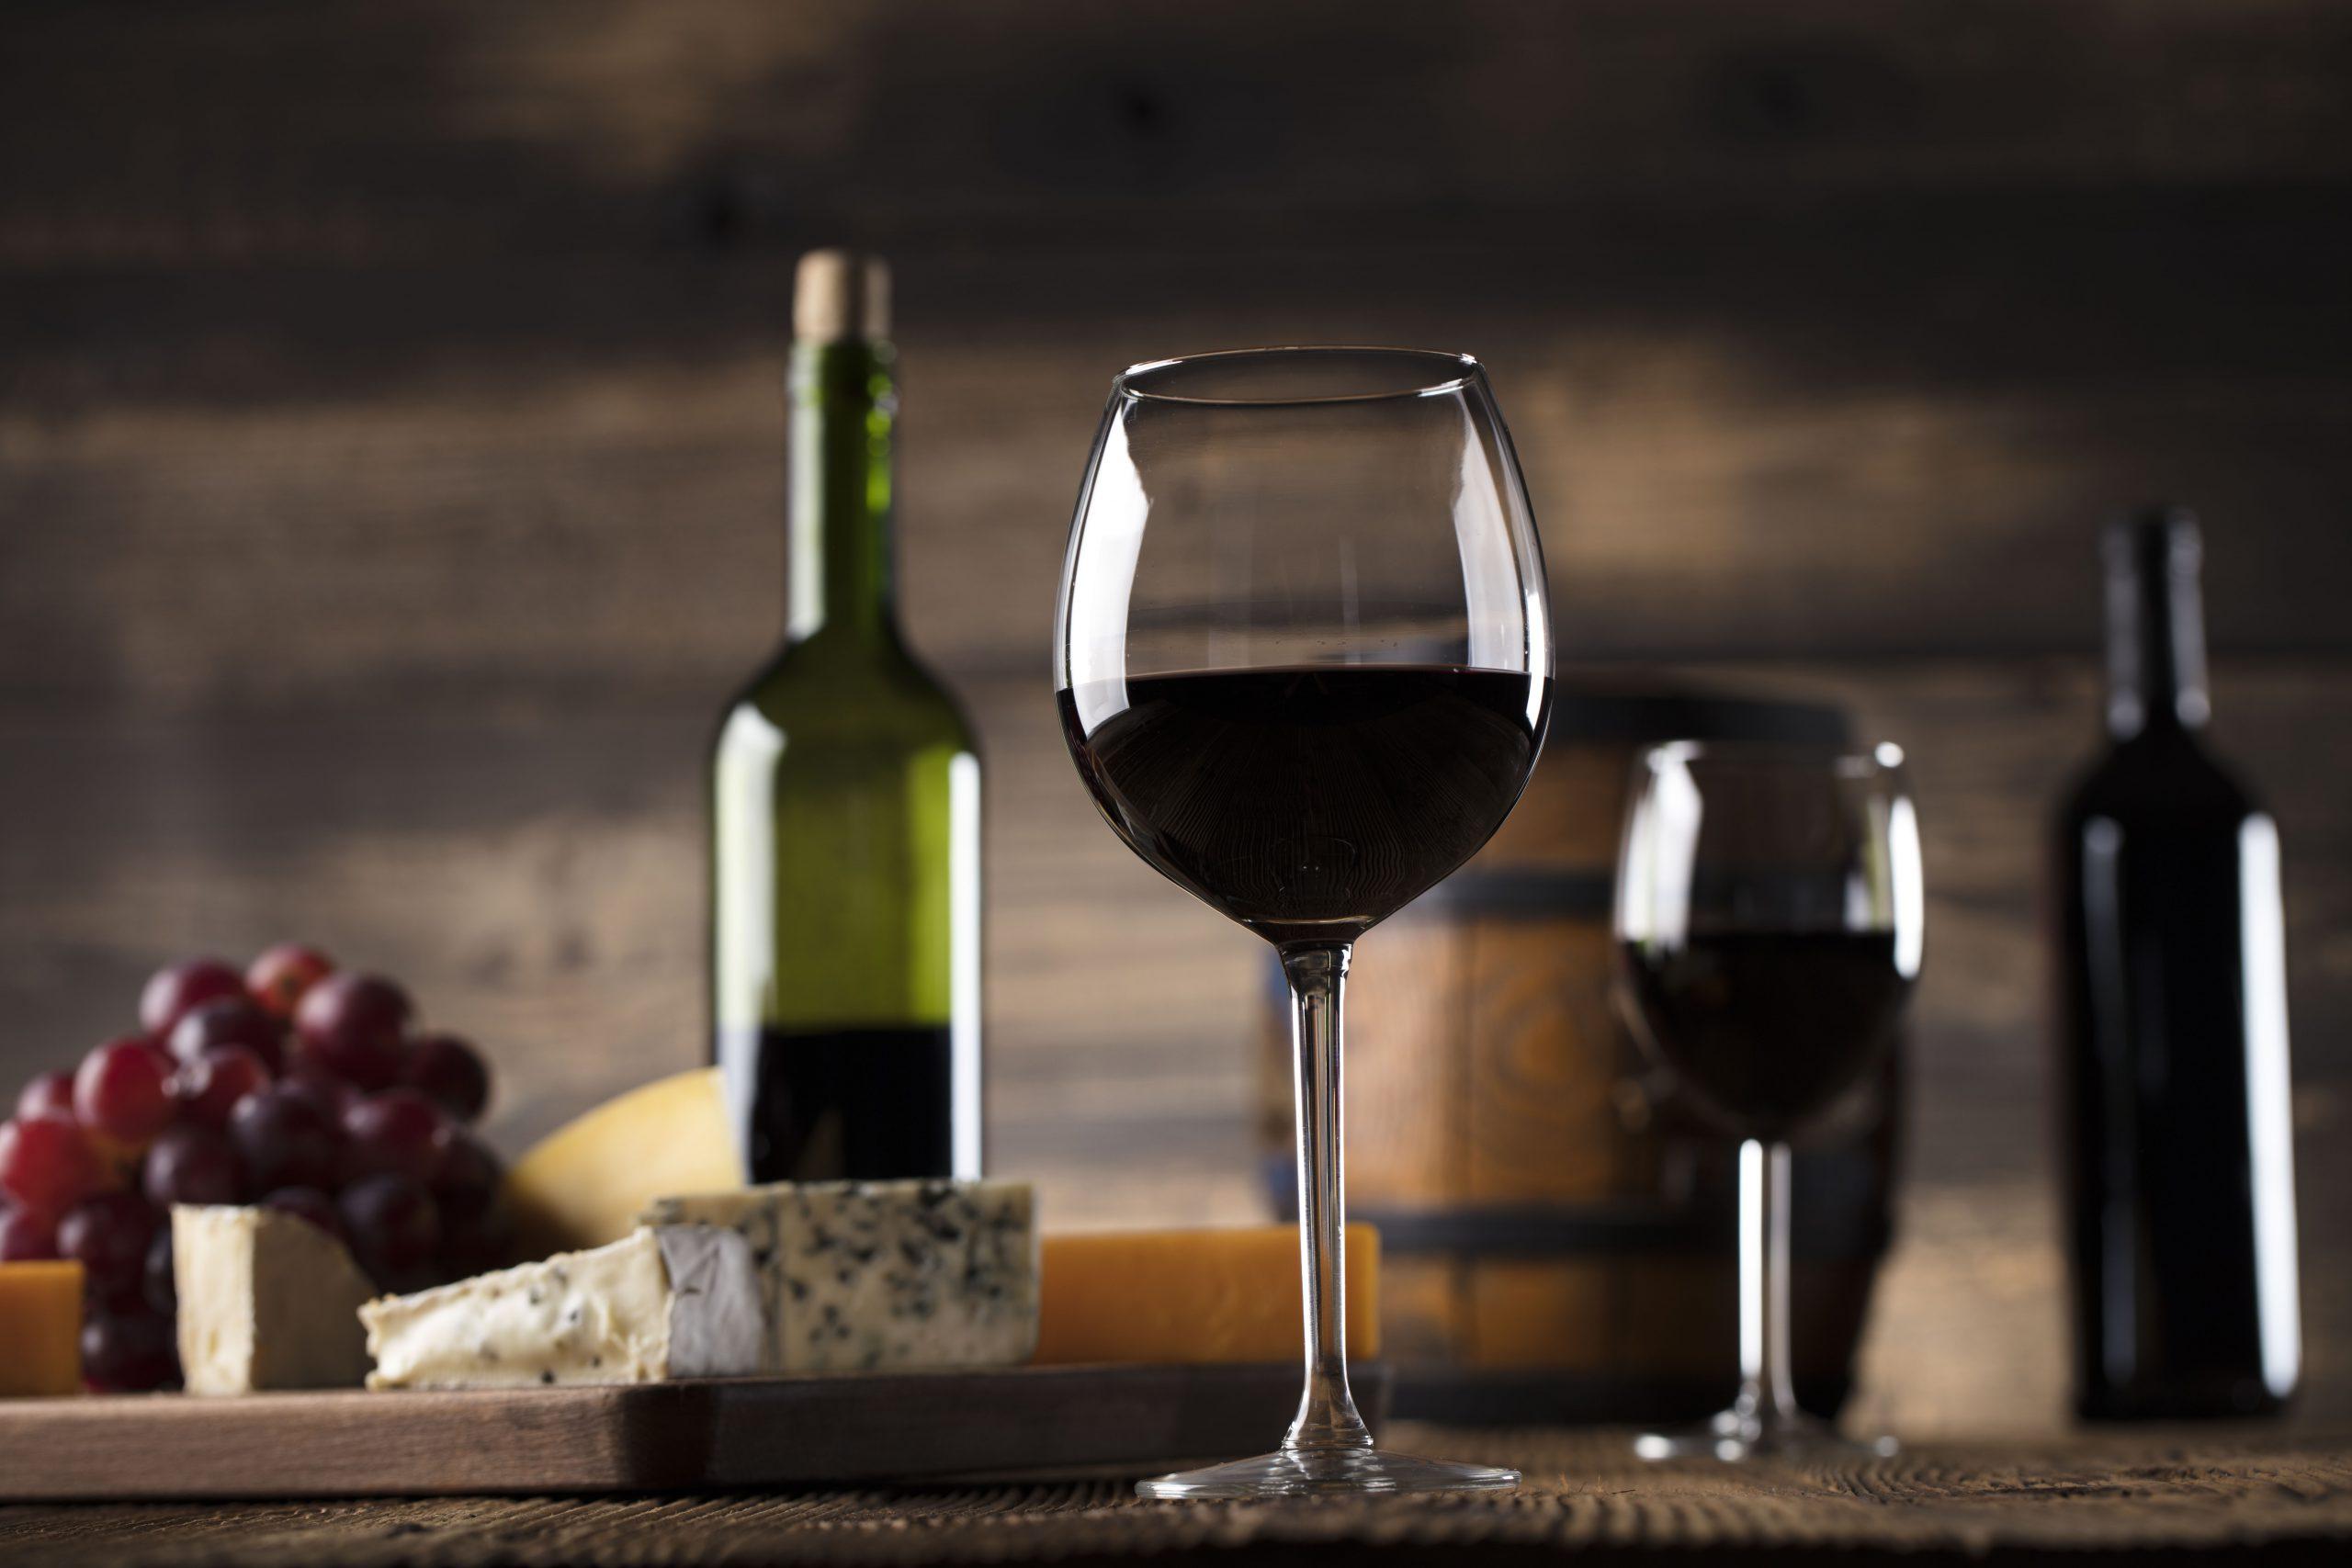 ブルーチーズの魅力を最大限に引き出す食べ方とおすすめワイン